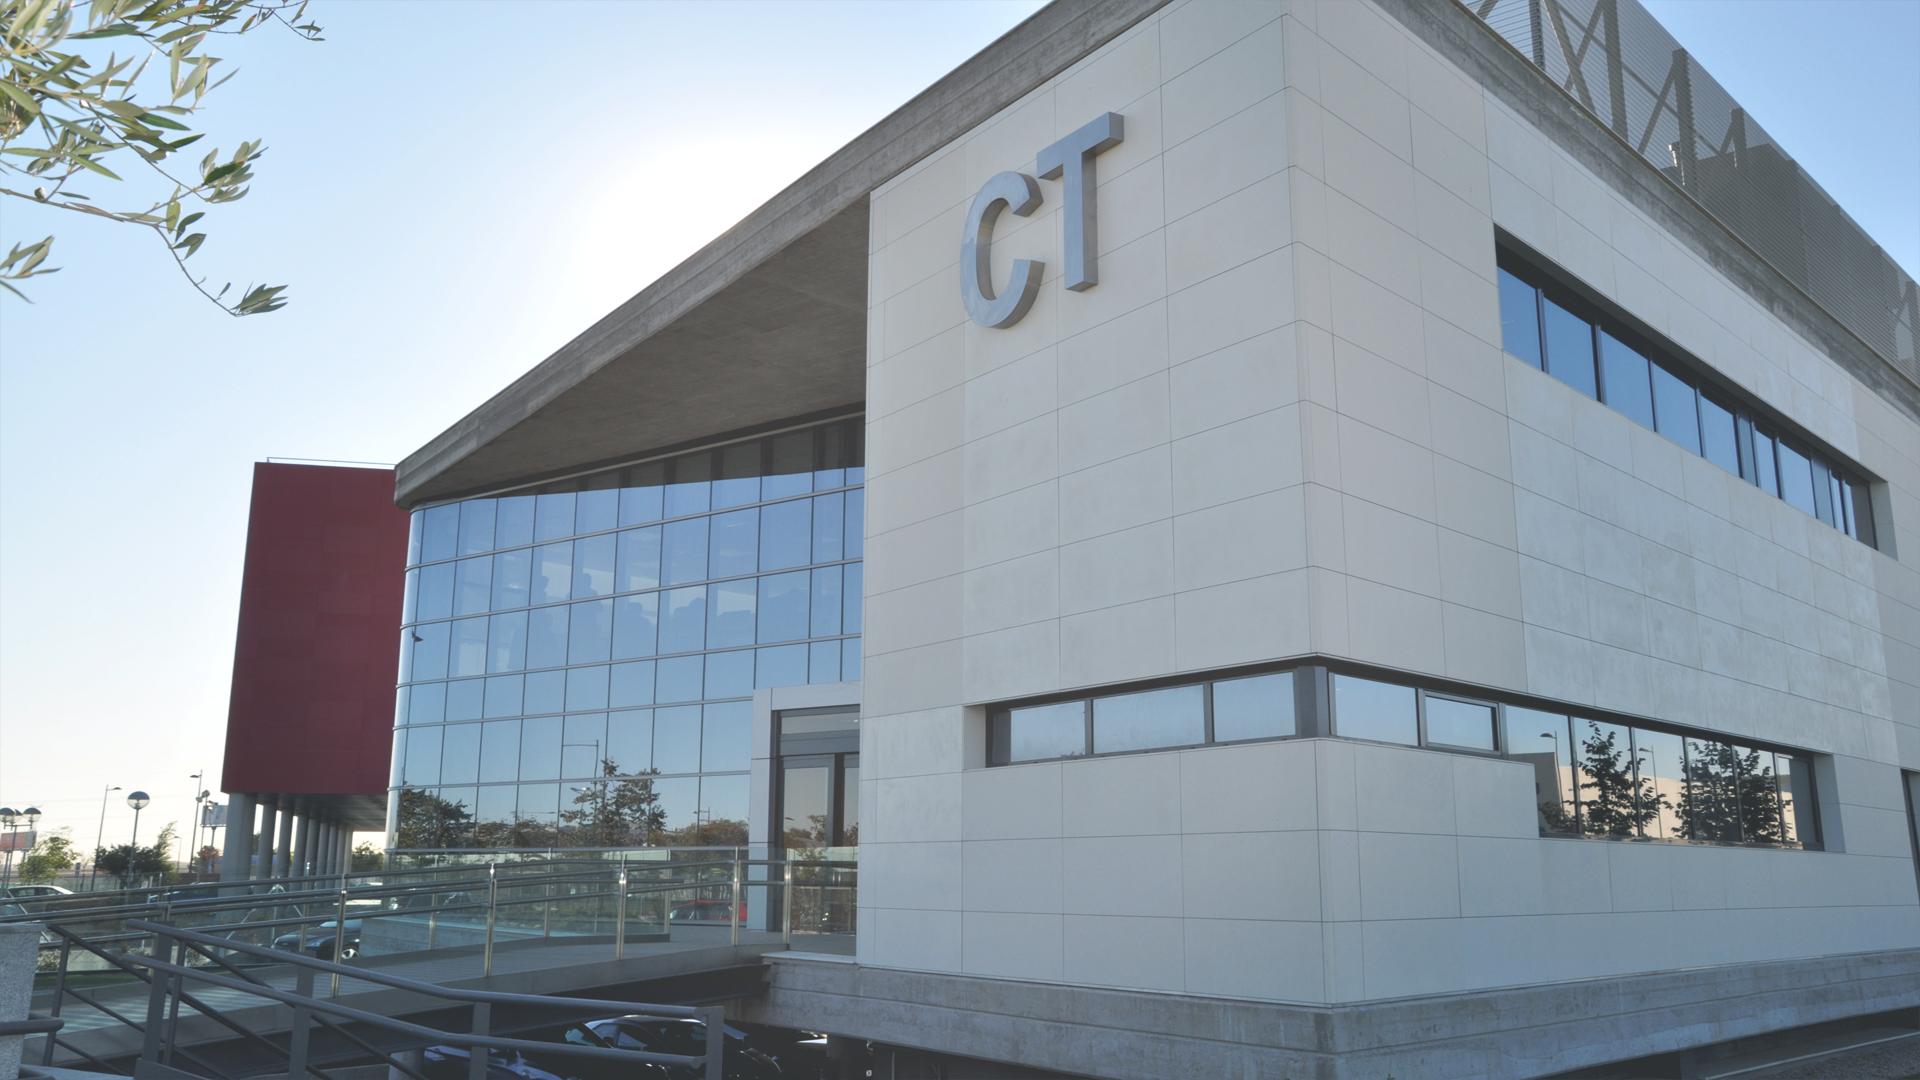 CT, mejor empresa de servicios de ingeniería para trabajar en España por sexto año consecutivo